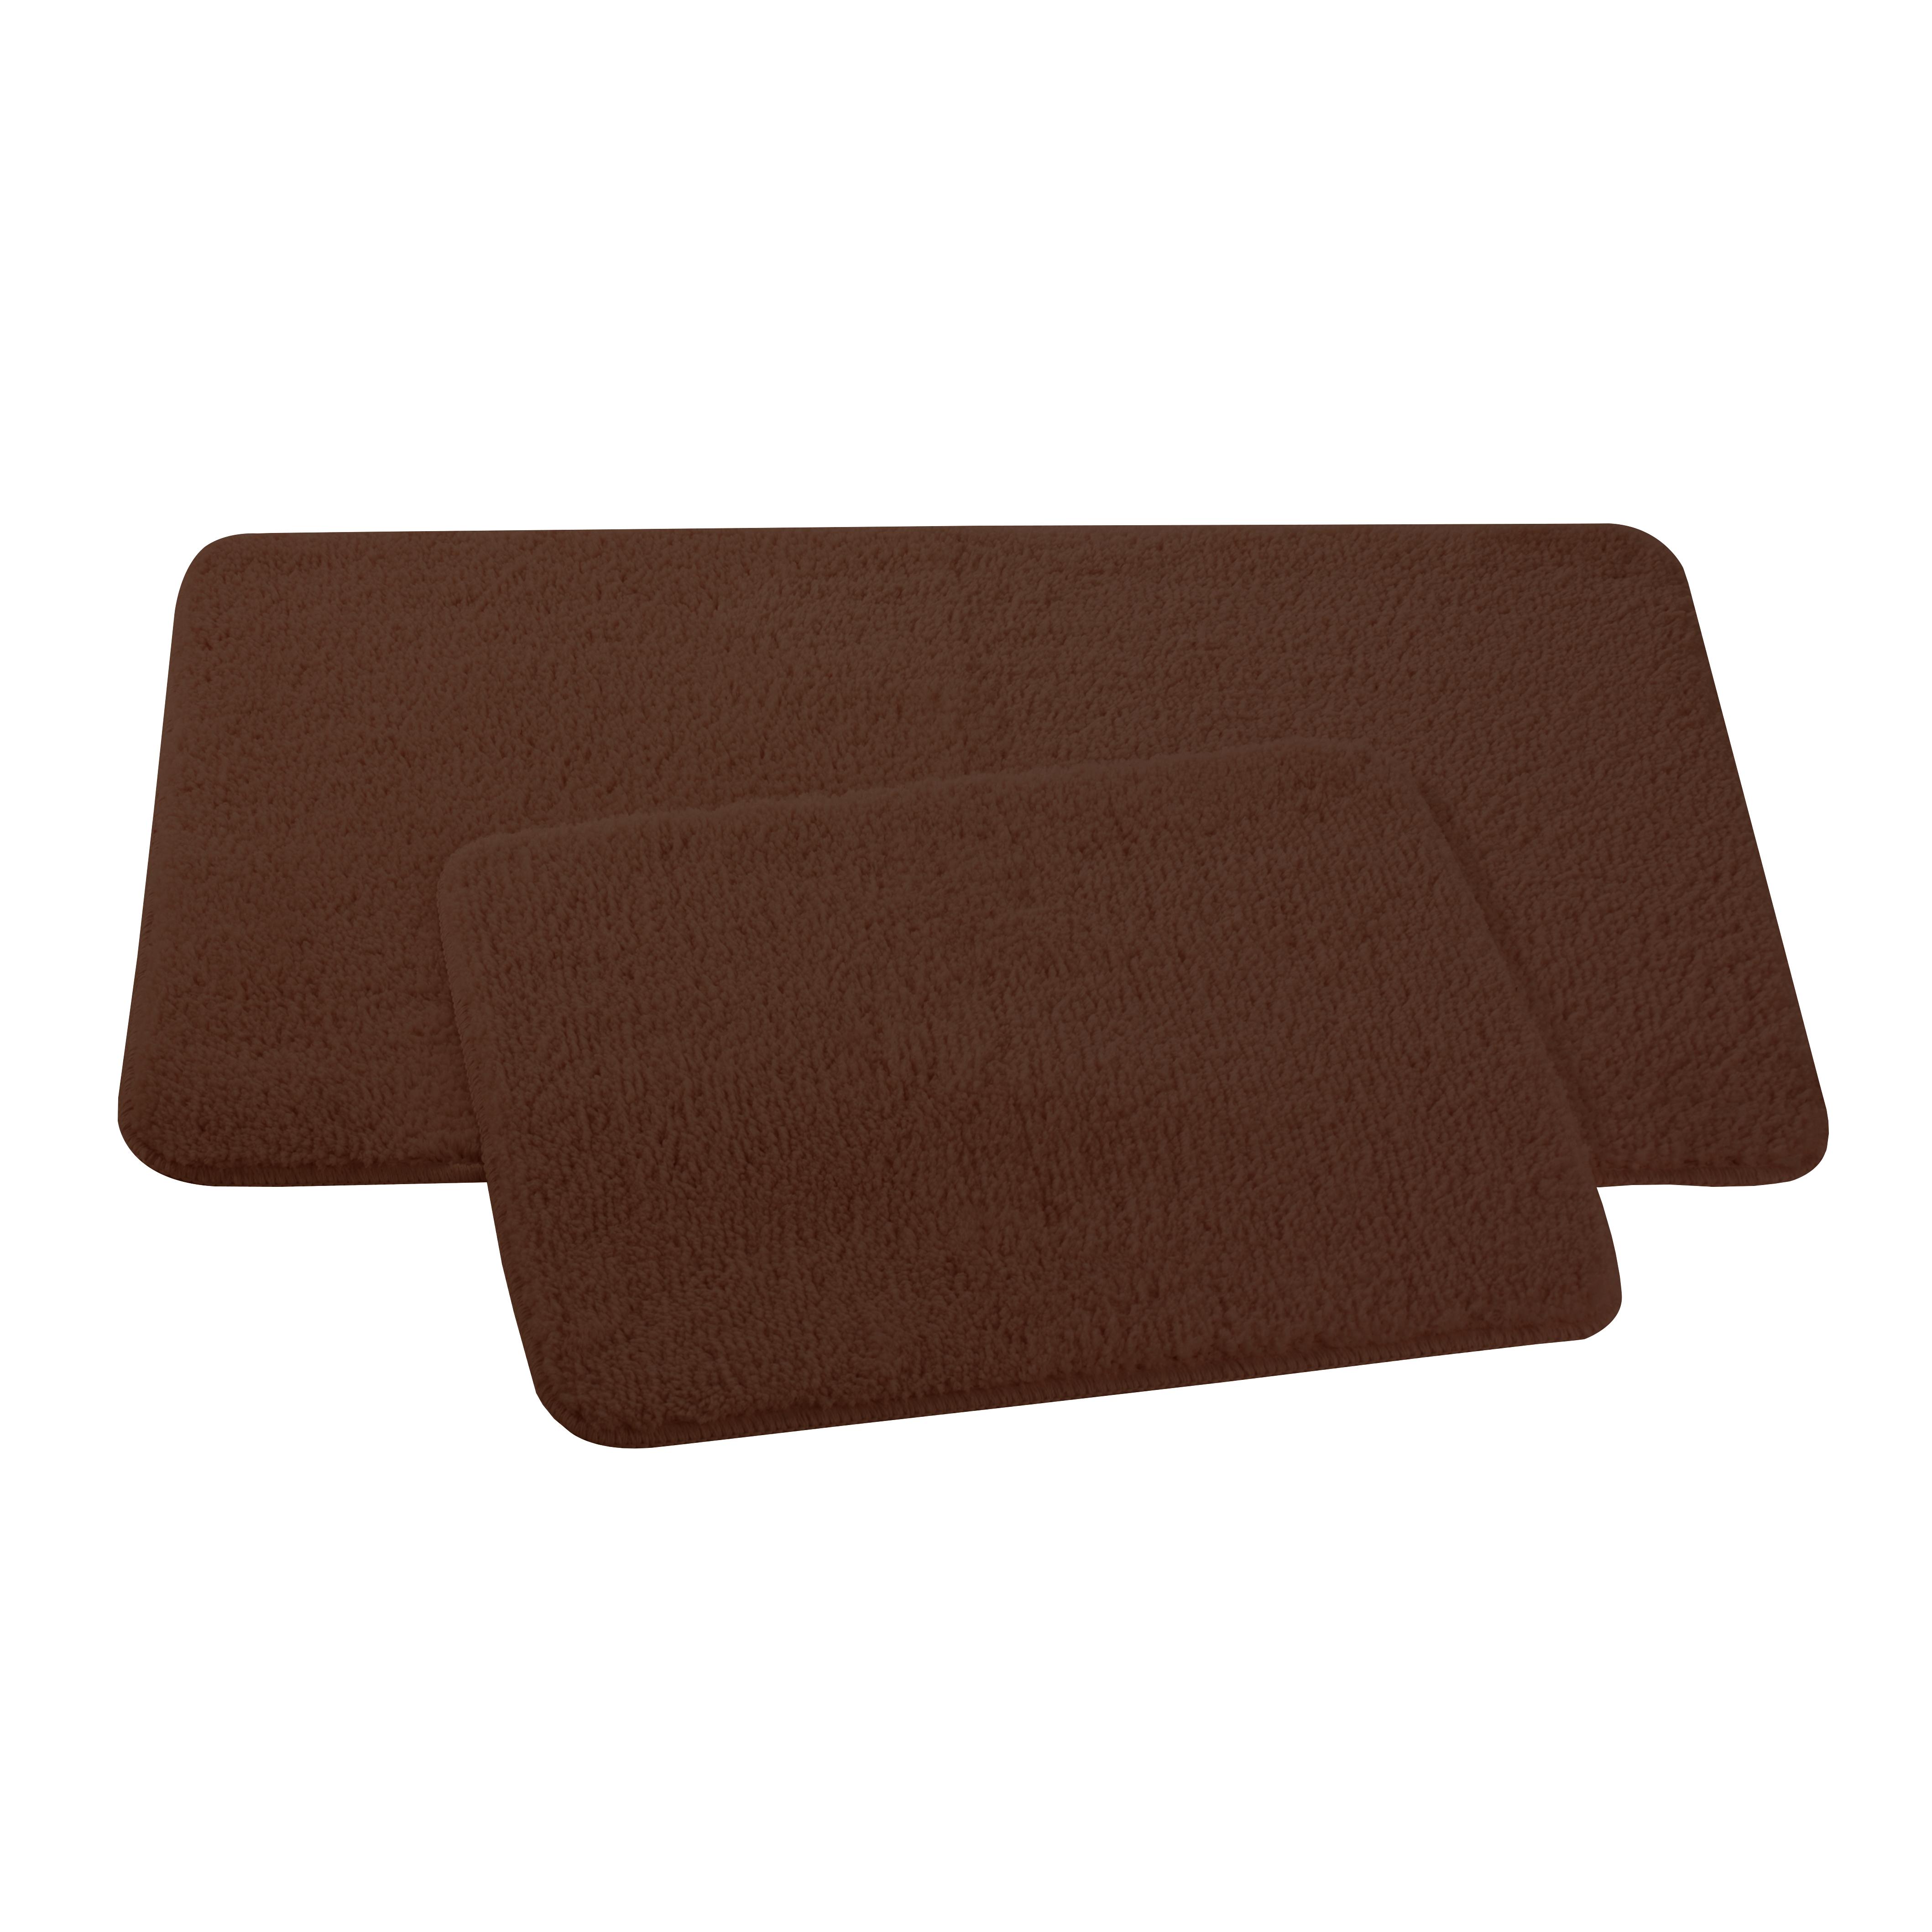 Набор ковриков для ванной и туалета Axentia, цвет: коричневый, 50 х 80 см, 50 х 40 см, 2 шт116135Набор из двух ковриков для ванной комнаты и туалета из микрофибры, 50х80 и 50х40 см. Высота ворса 1,5 см, стеганный. Противоскользящее основание изготовлено из термопластичной резины и подходит для полов с подогревом. Коврик мягкий и приятный на ощупь, отлично впитывает влагу и быстро сохнет. Можно стирать в стиральной машине. Высокая износостойкость коврика и стойкость цвета позволит вам наслаждаться покупкой долгие годы. Широкая гамма расцветок ковриков Axentia удовлетворит самый притязательный вкус.